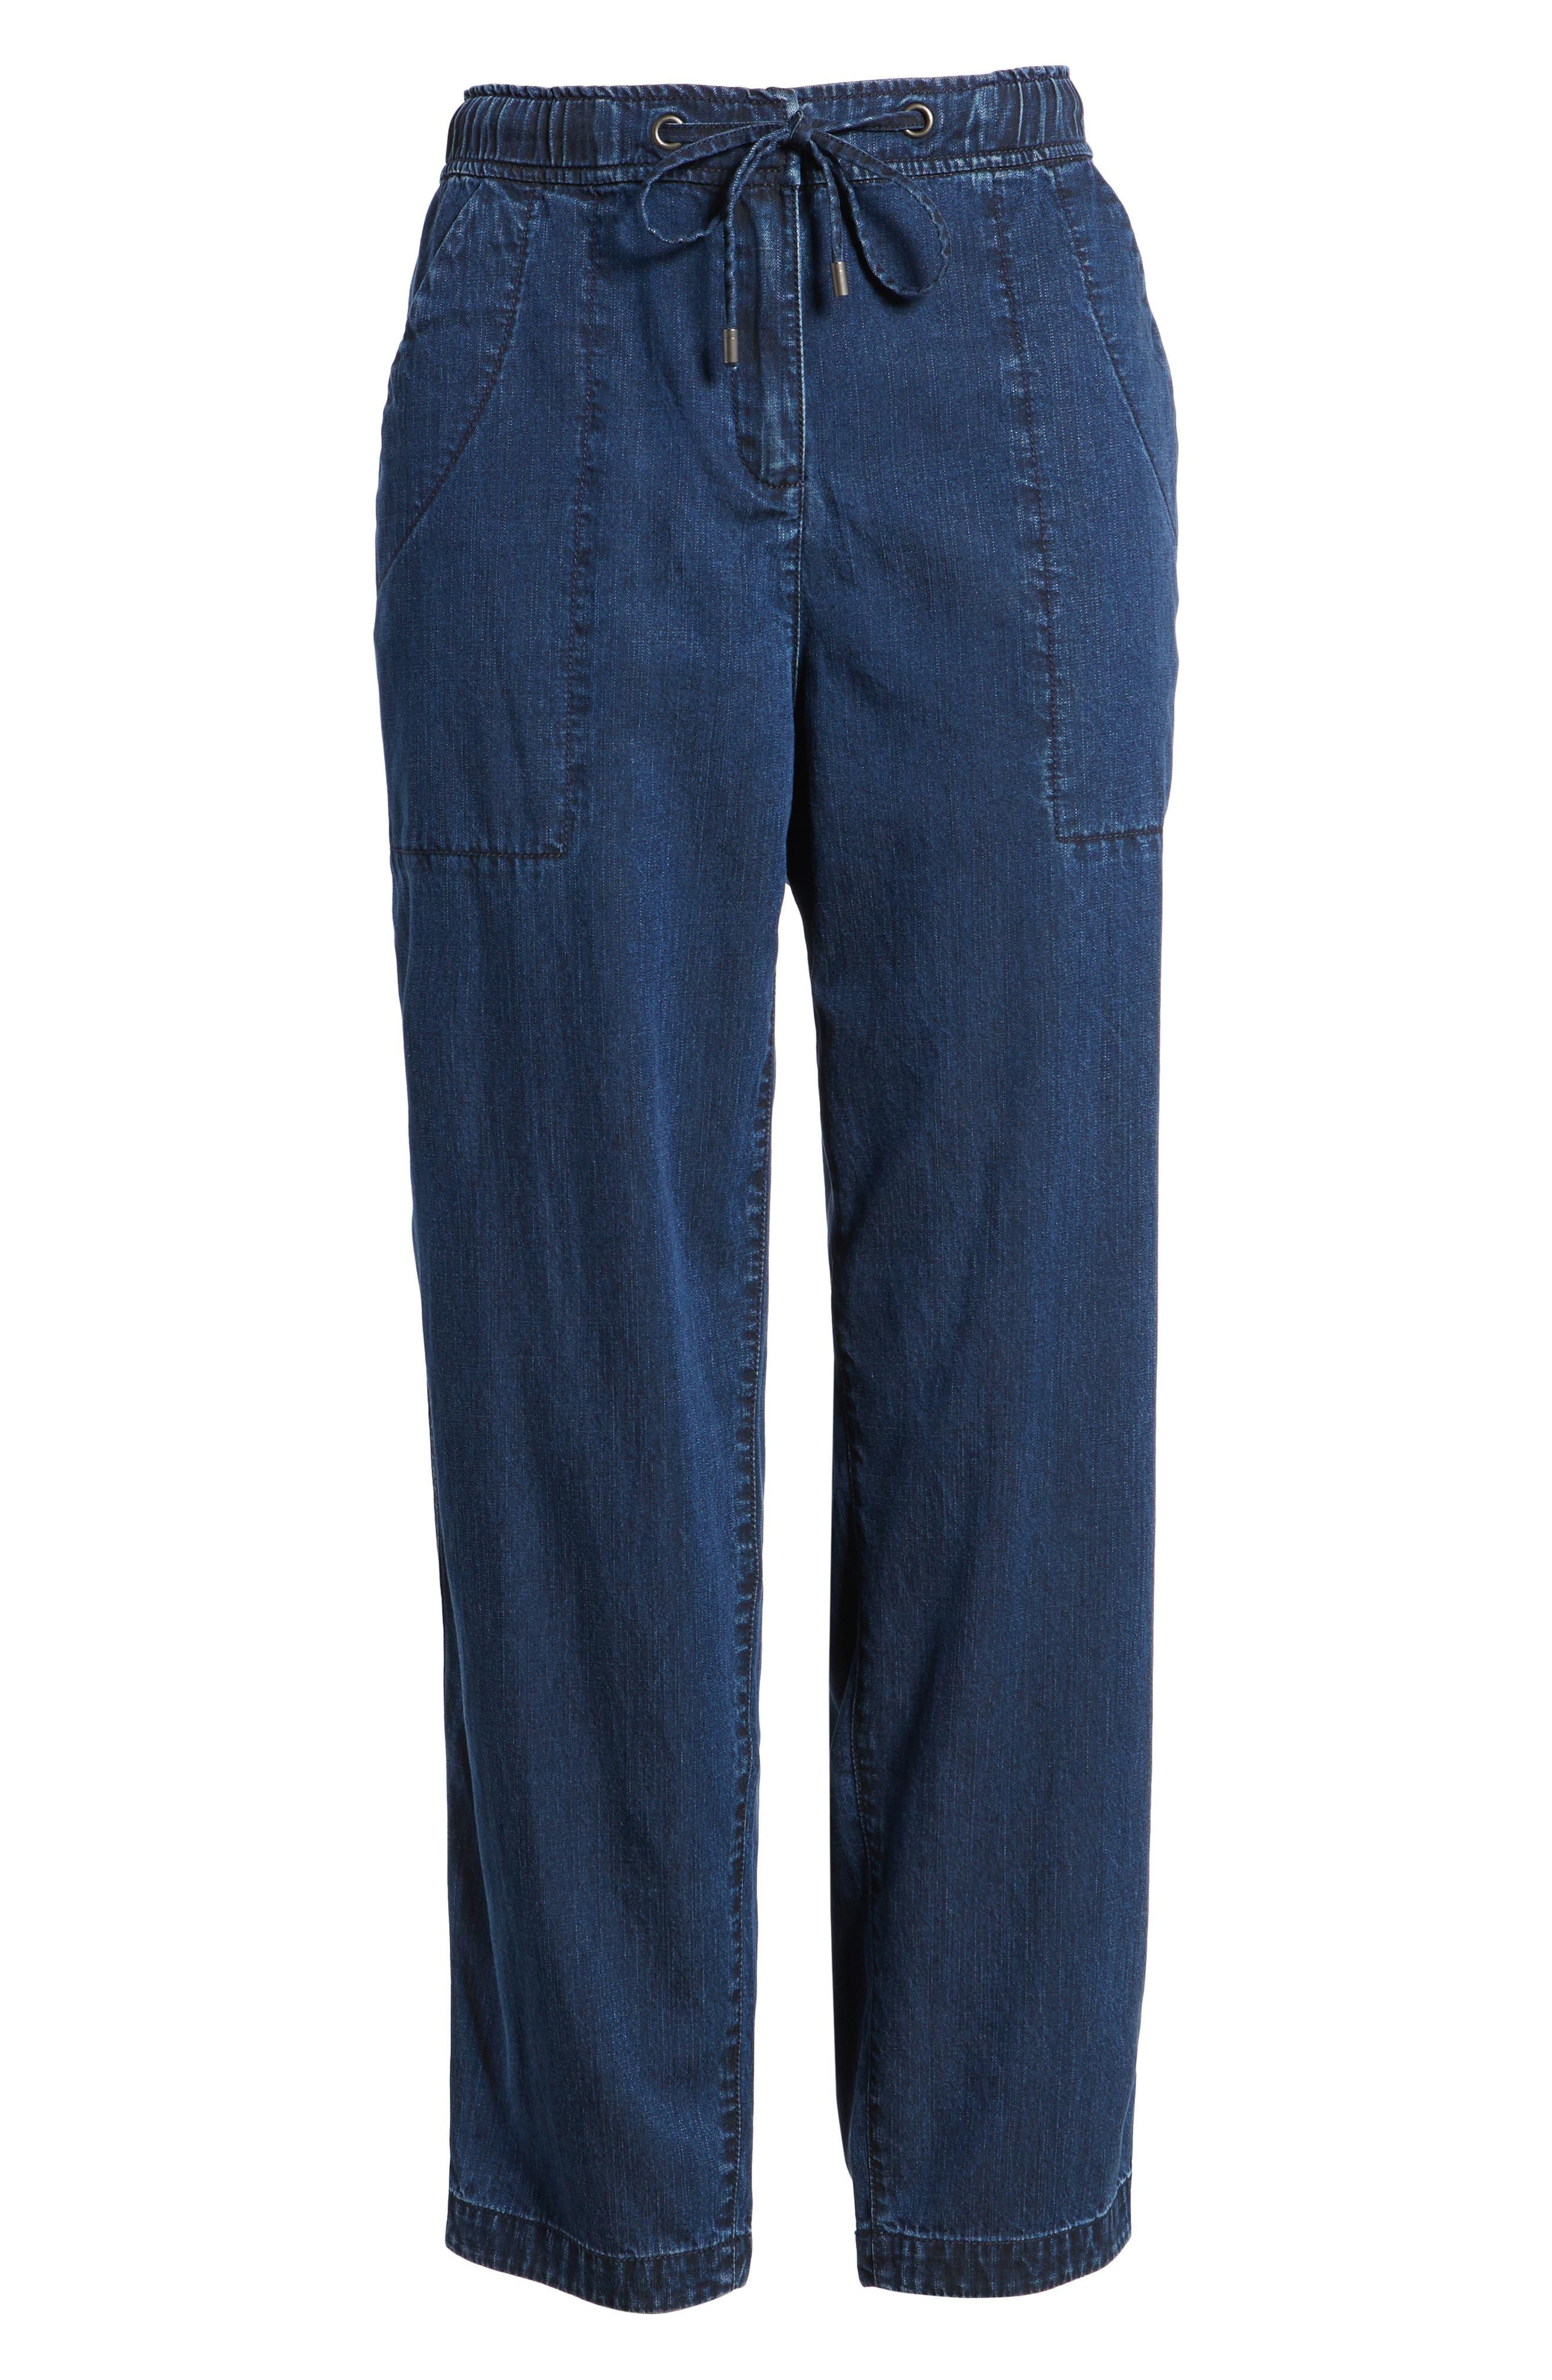 Slouchy Ankle Denim Pants,                             Alternate thumbnail 7, color,                             419